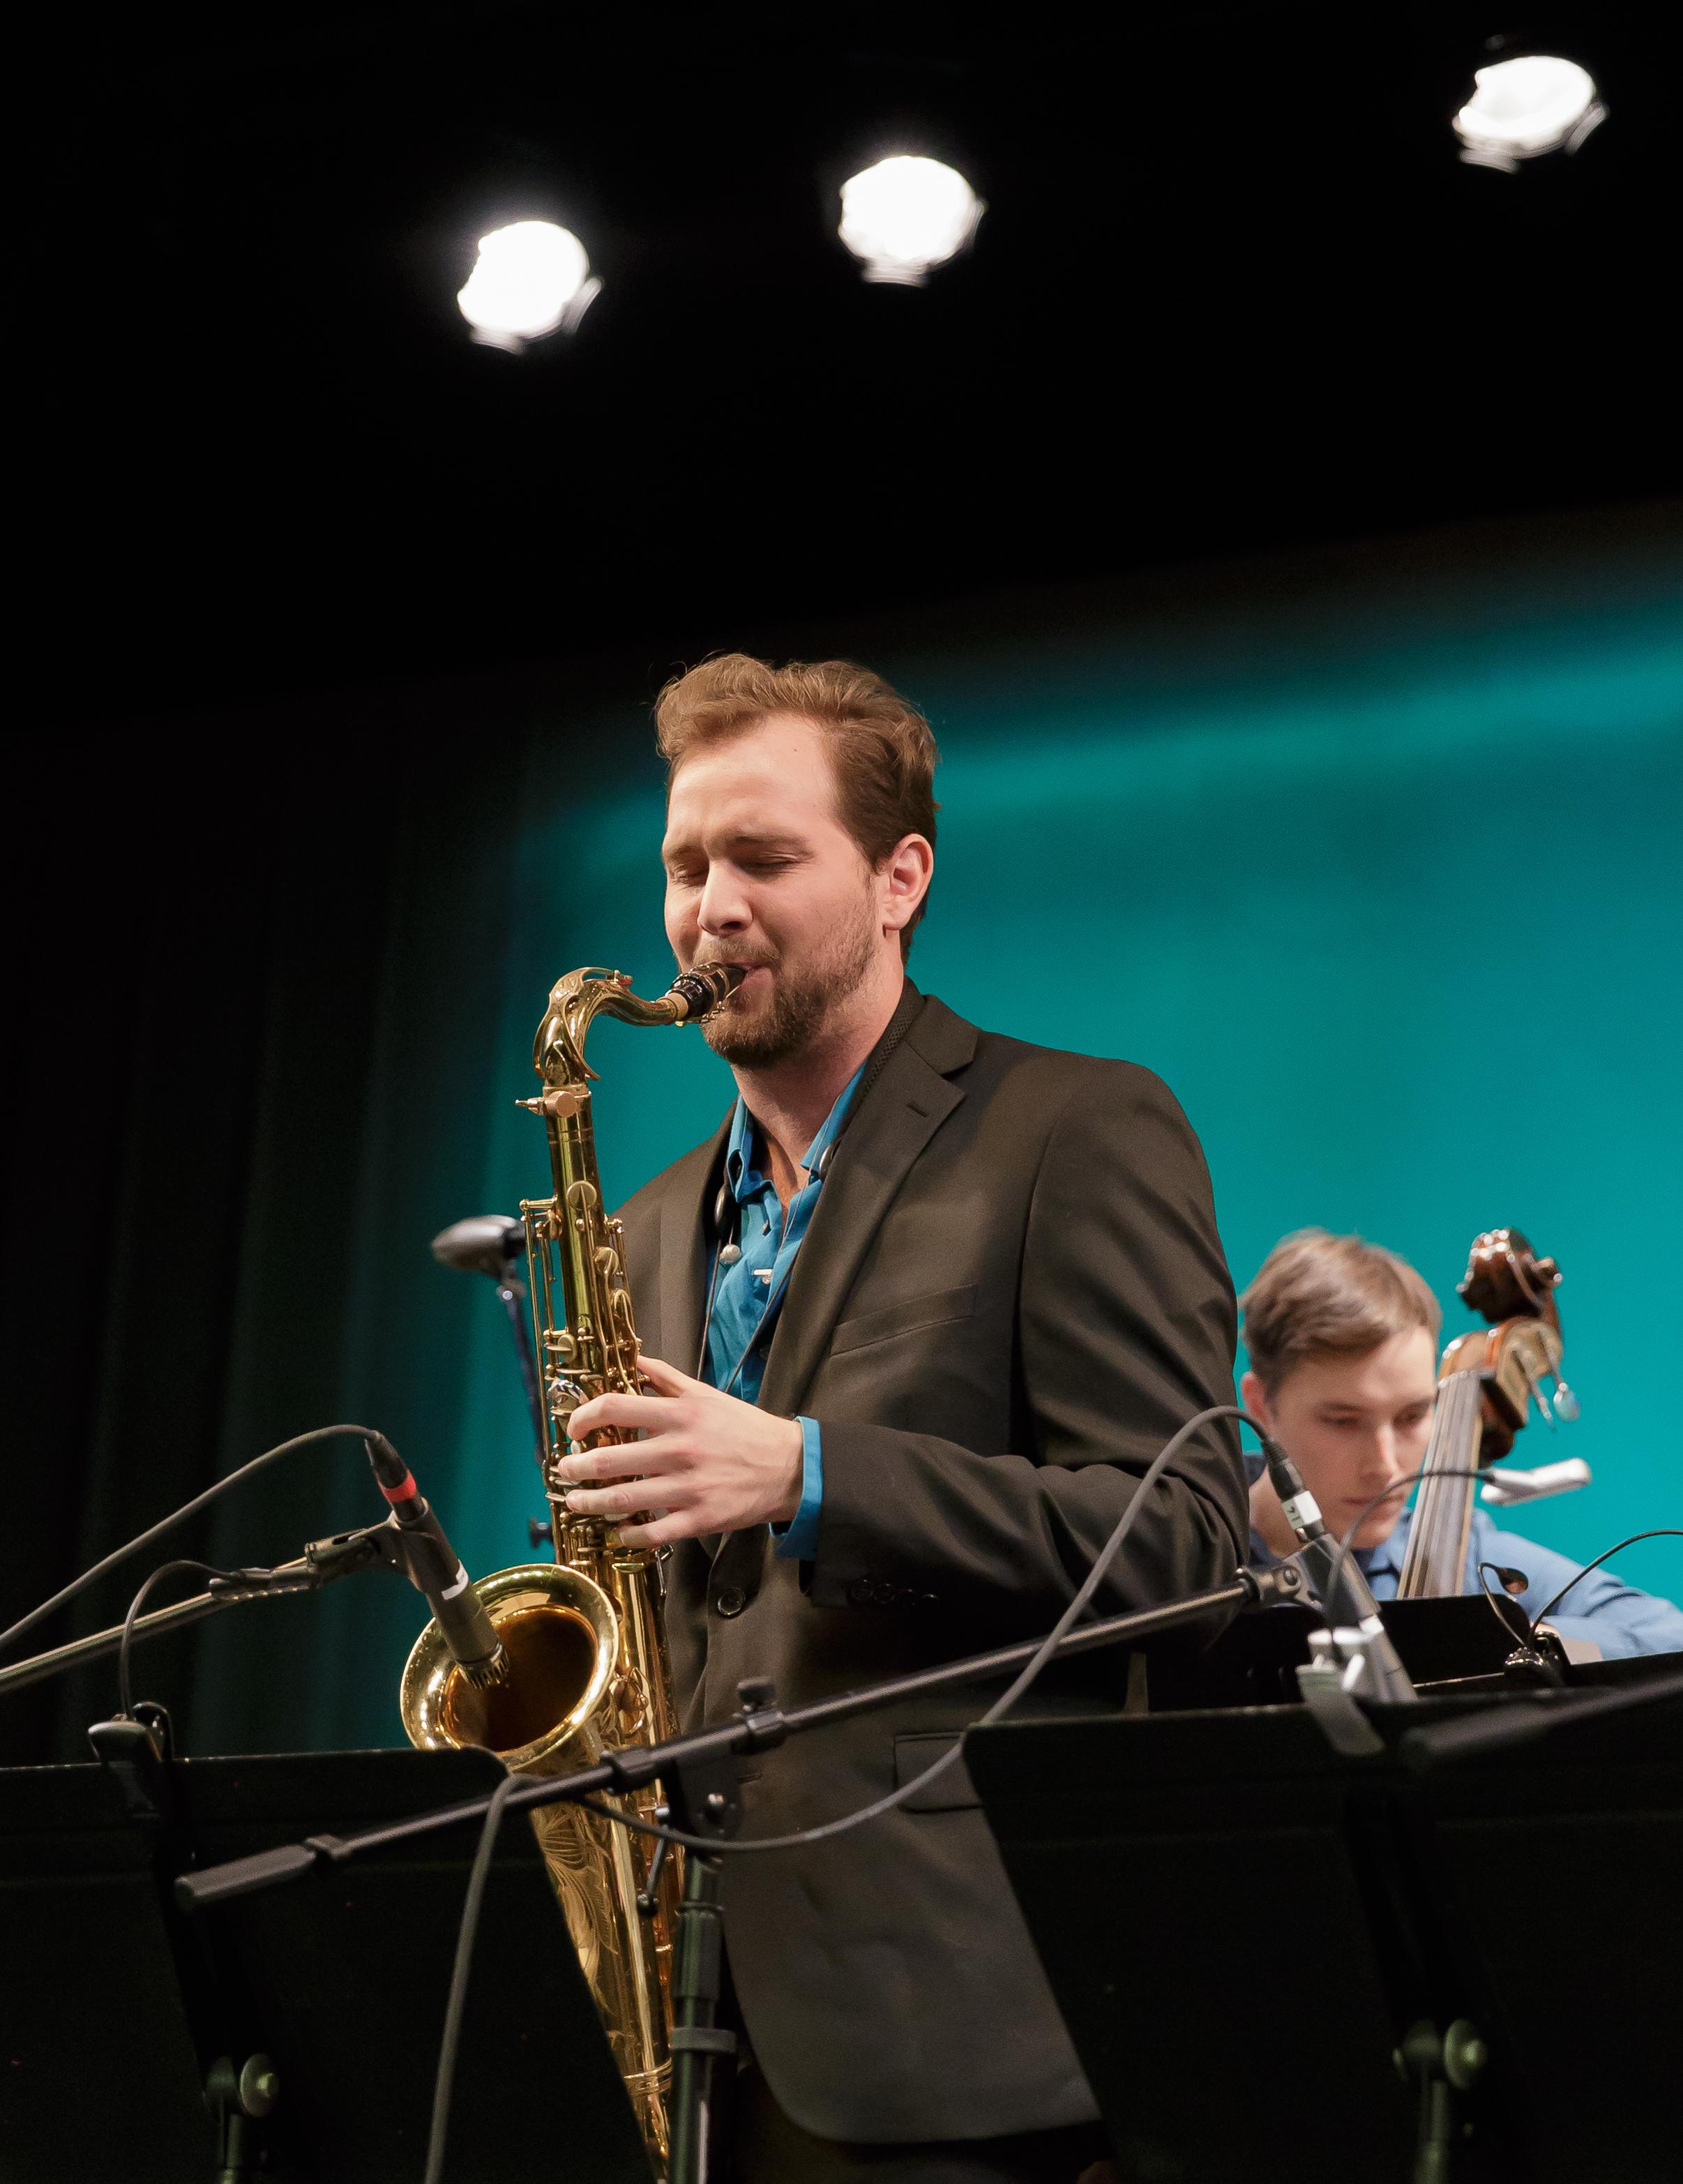 Garrett Becker, tenor sax